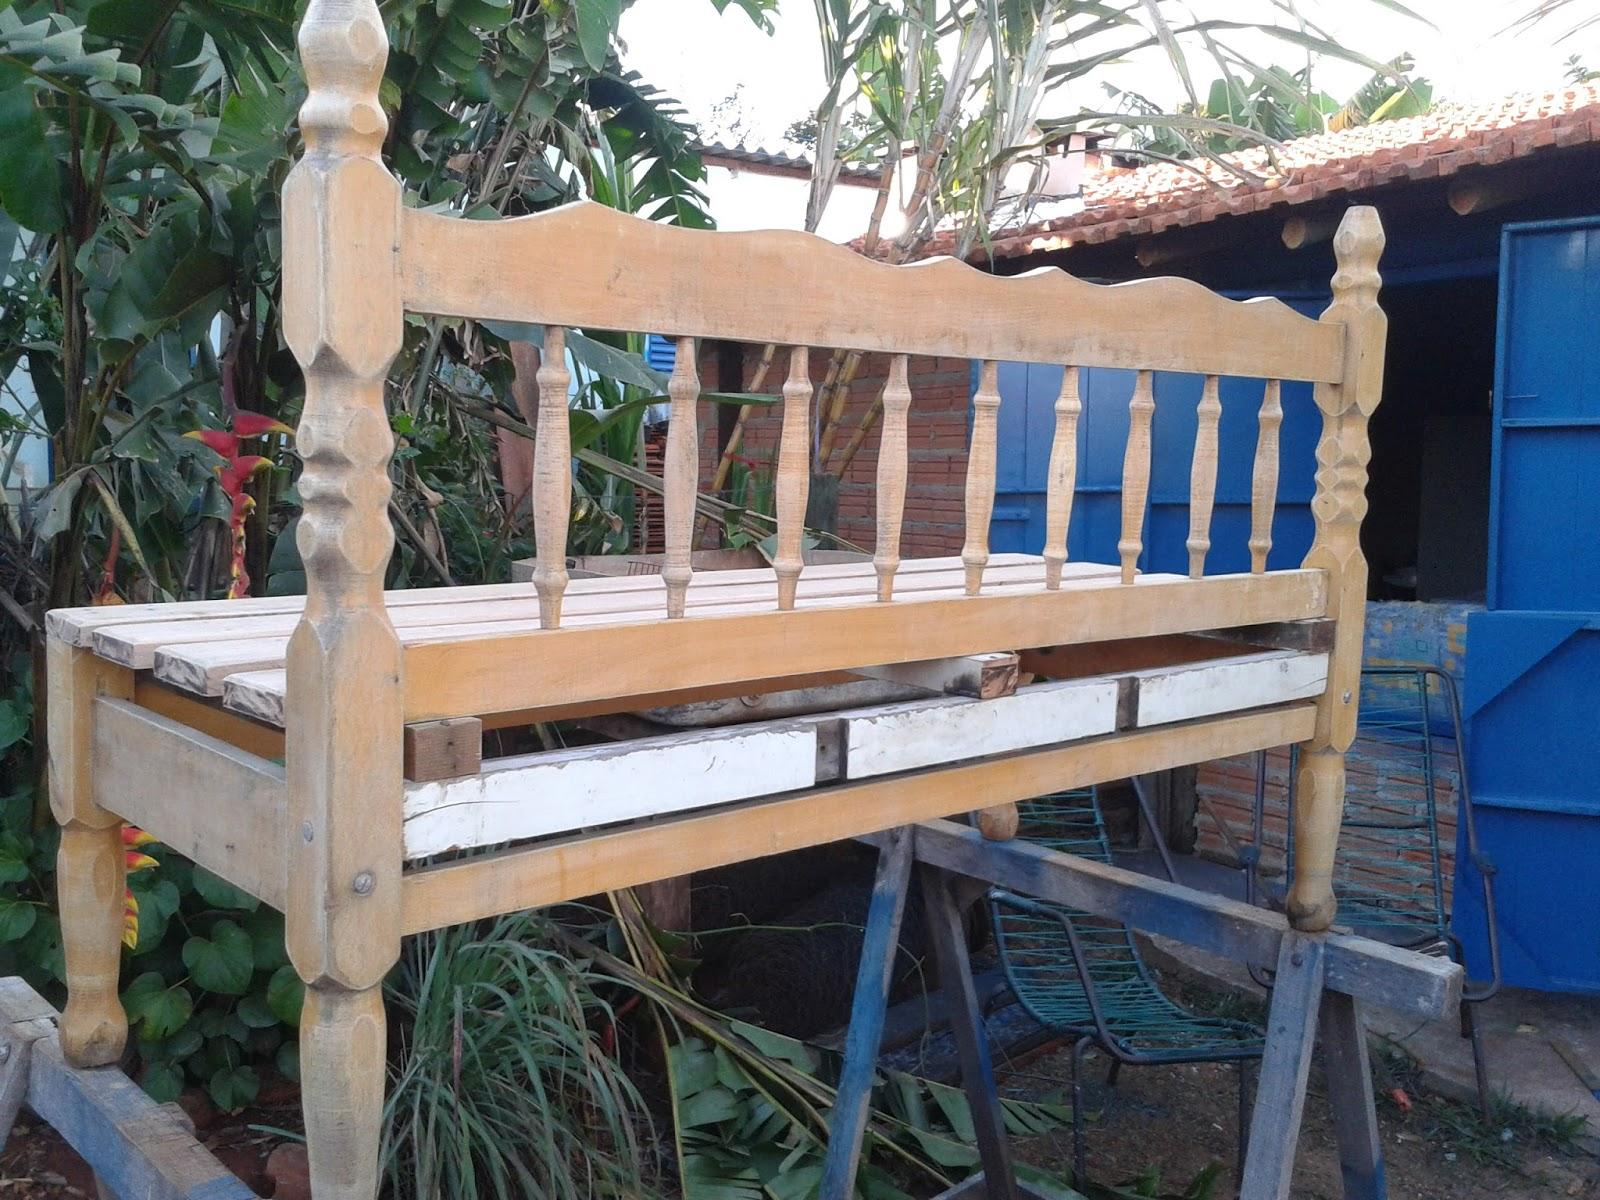 #1D4578 Atelie Cantinho DA ARTE: CABECEIRA DE CAMA VIRA BANCO II 1600x1200 px como fazer mesa de madeira que vira banco @ bernauer.info Móveis Antigos Novos E Usados Online